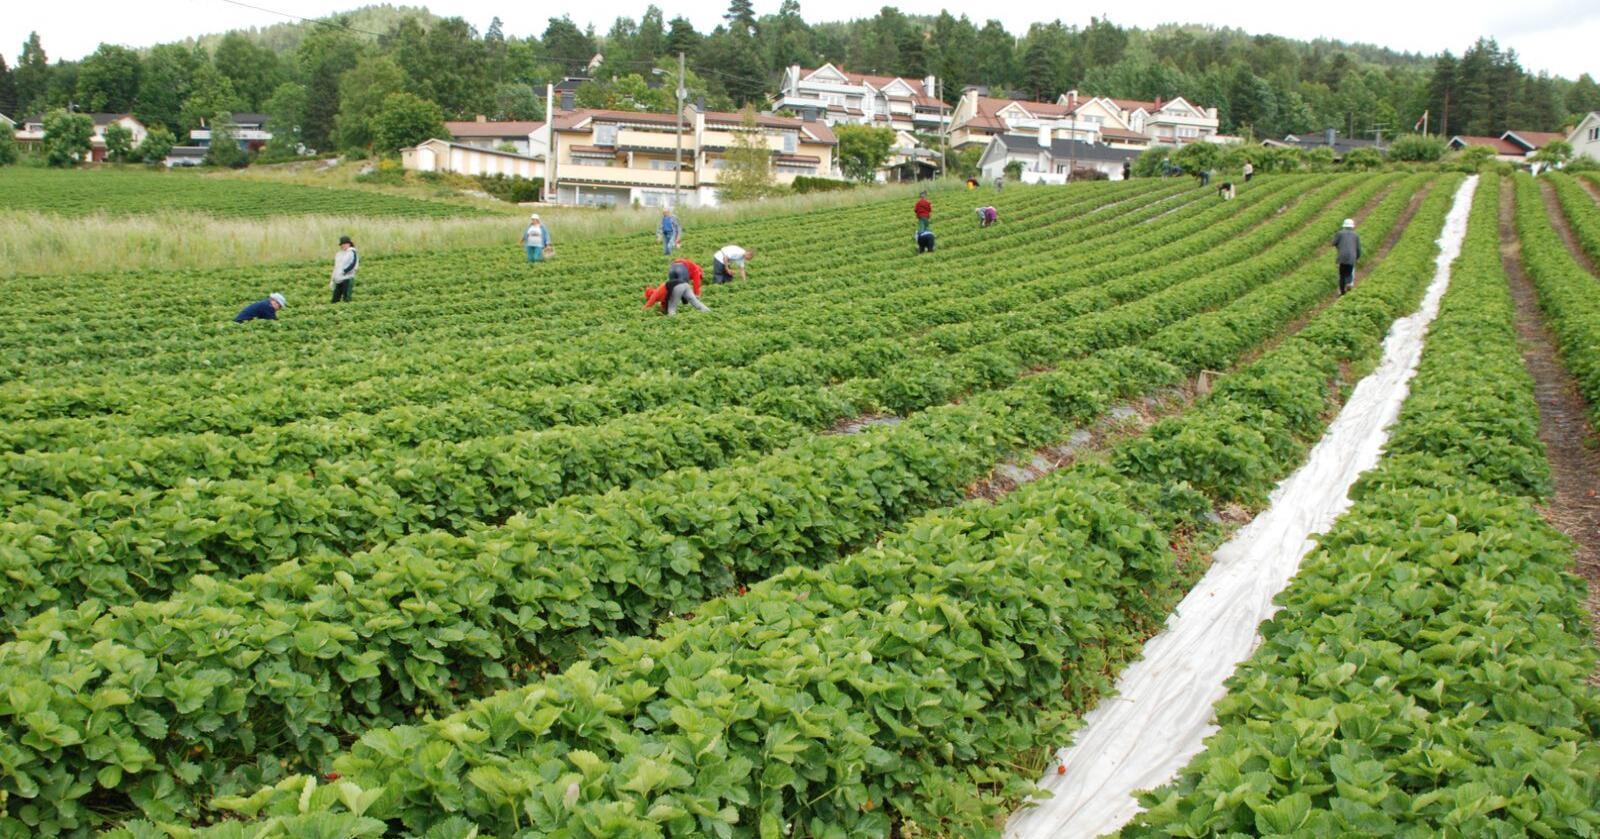 Siden fredag sist uke, er i alt 174 arbeidere blitt smittet på én og samme landbrukseiendom i den lille byen Mamming. Bildet er tatt i Norge. Illustrasjonsfoto: Ellen Munden Paalgard